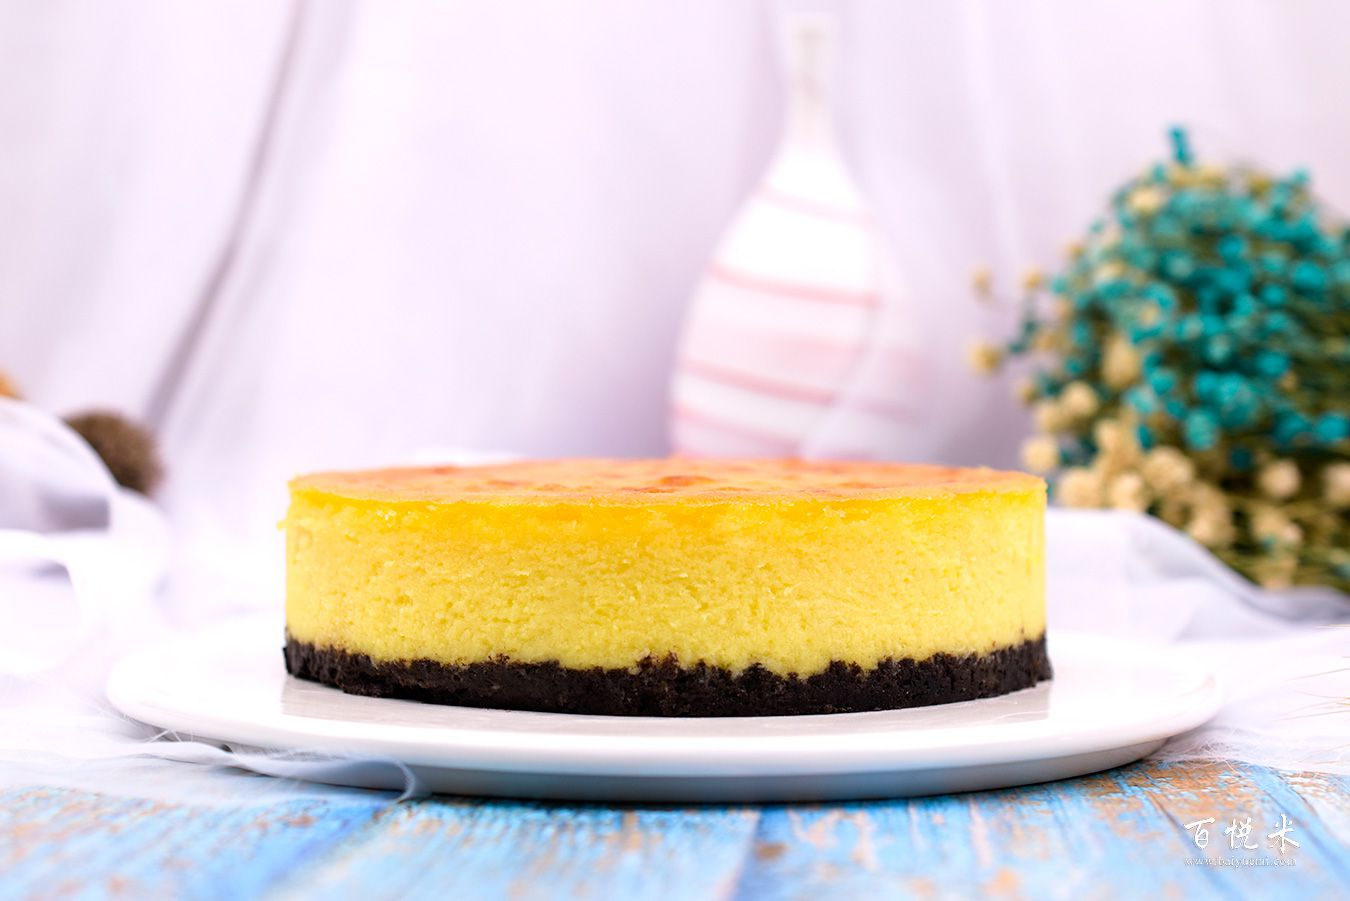 榴莲奶酪蛋糕高清图片大全【蛋糕图片】_824